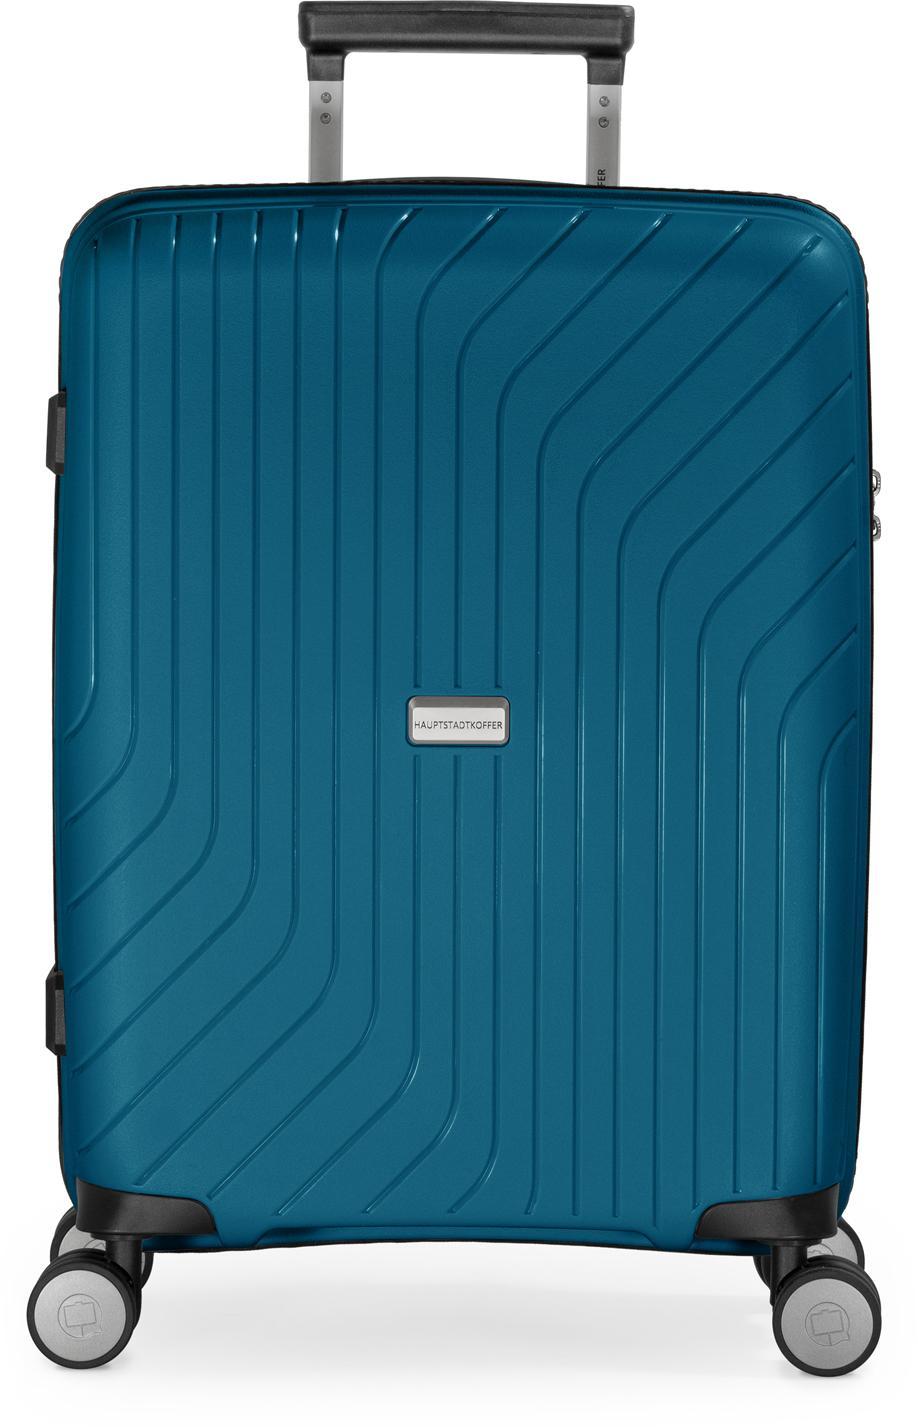 Hauptstadtkoffer Hartschalen-Trolley TXL, dunkelblau, 55 cm, 4 Rollen | Taschen > Koffer & Trolleys > Trolleys | Blau | hauptstadtkoffer